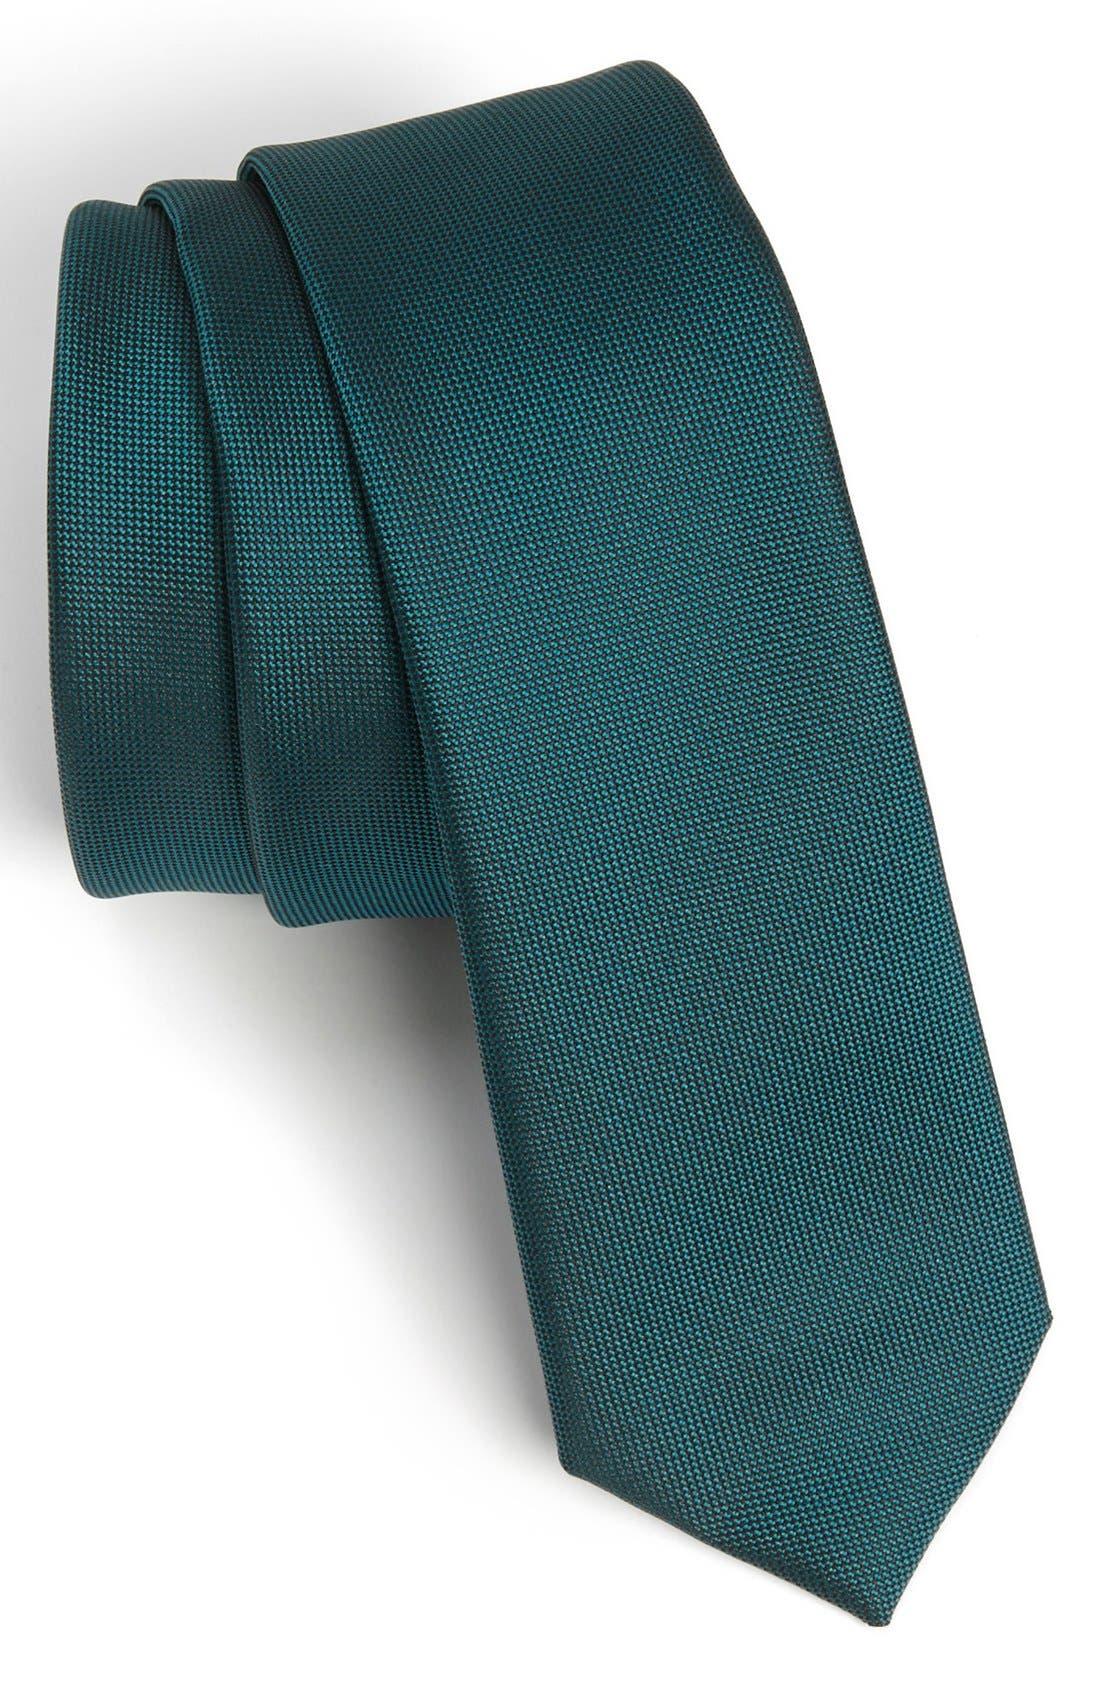 Alternate Image 1 Selected - Topman Skinny Tie